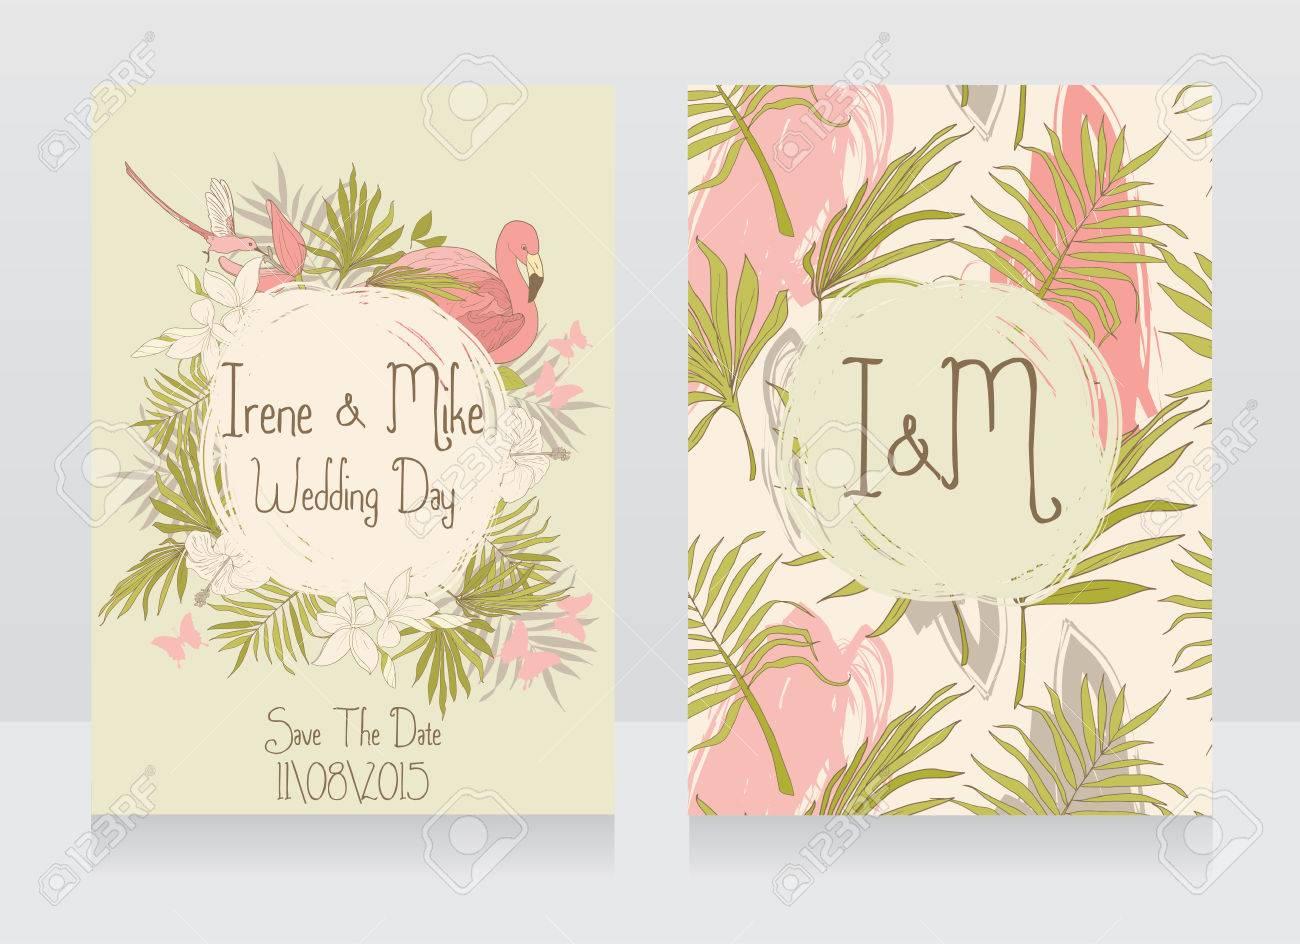 Hochzeitskarten Mit Tropischen Vogeln Und Blumen Hawaii Stil Partei